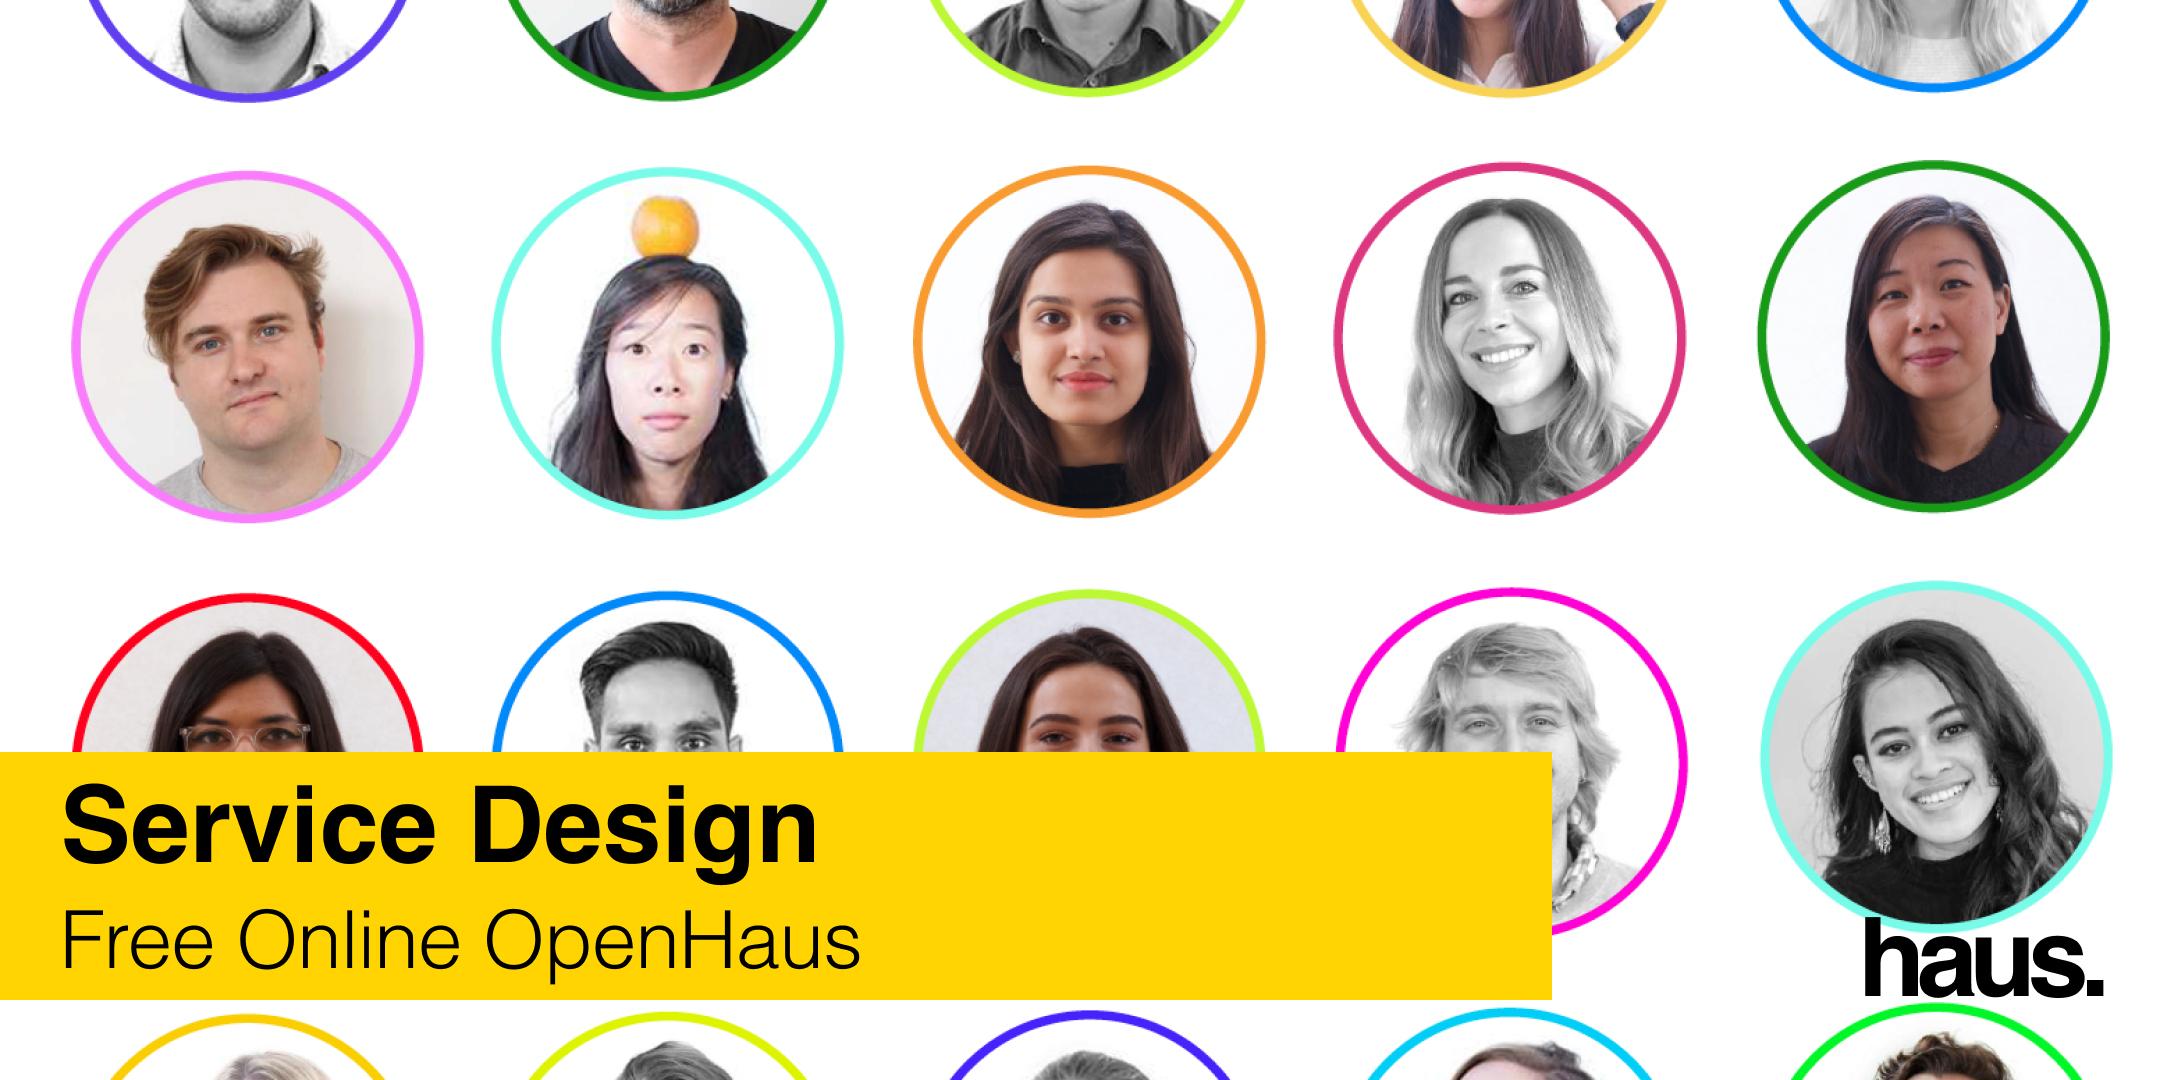 service design course